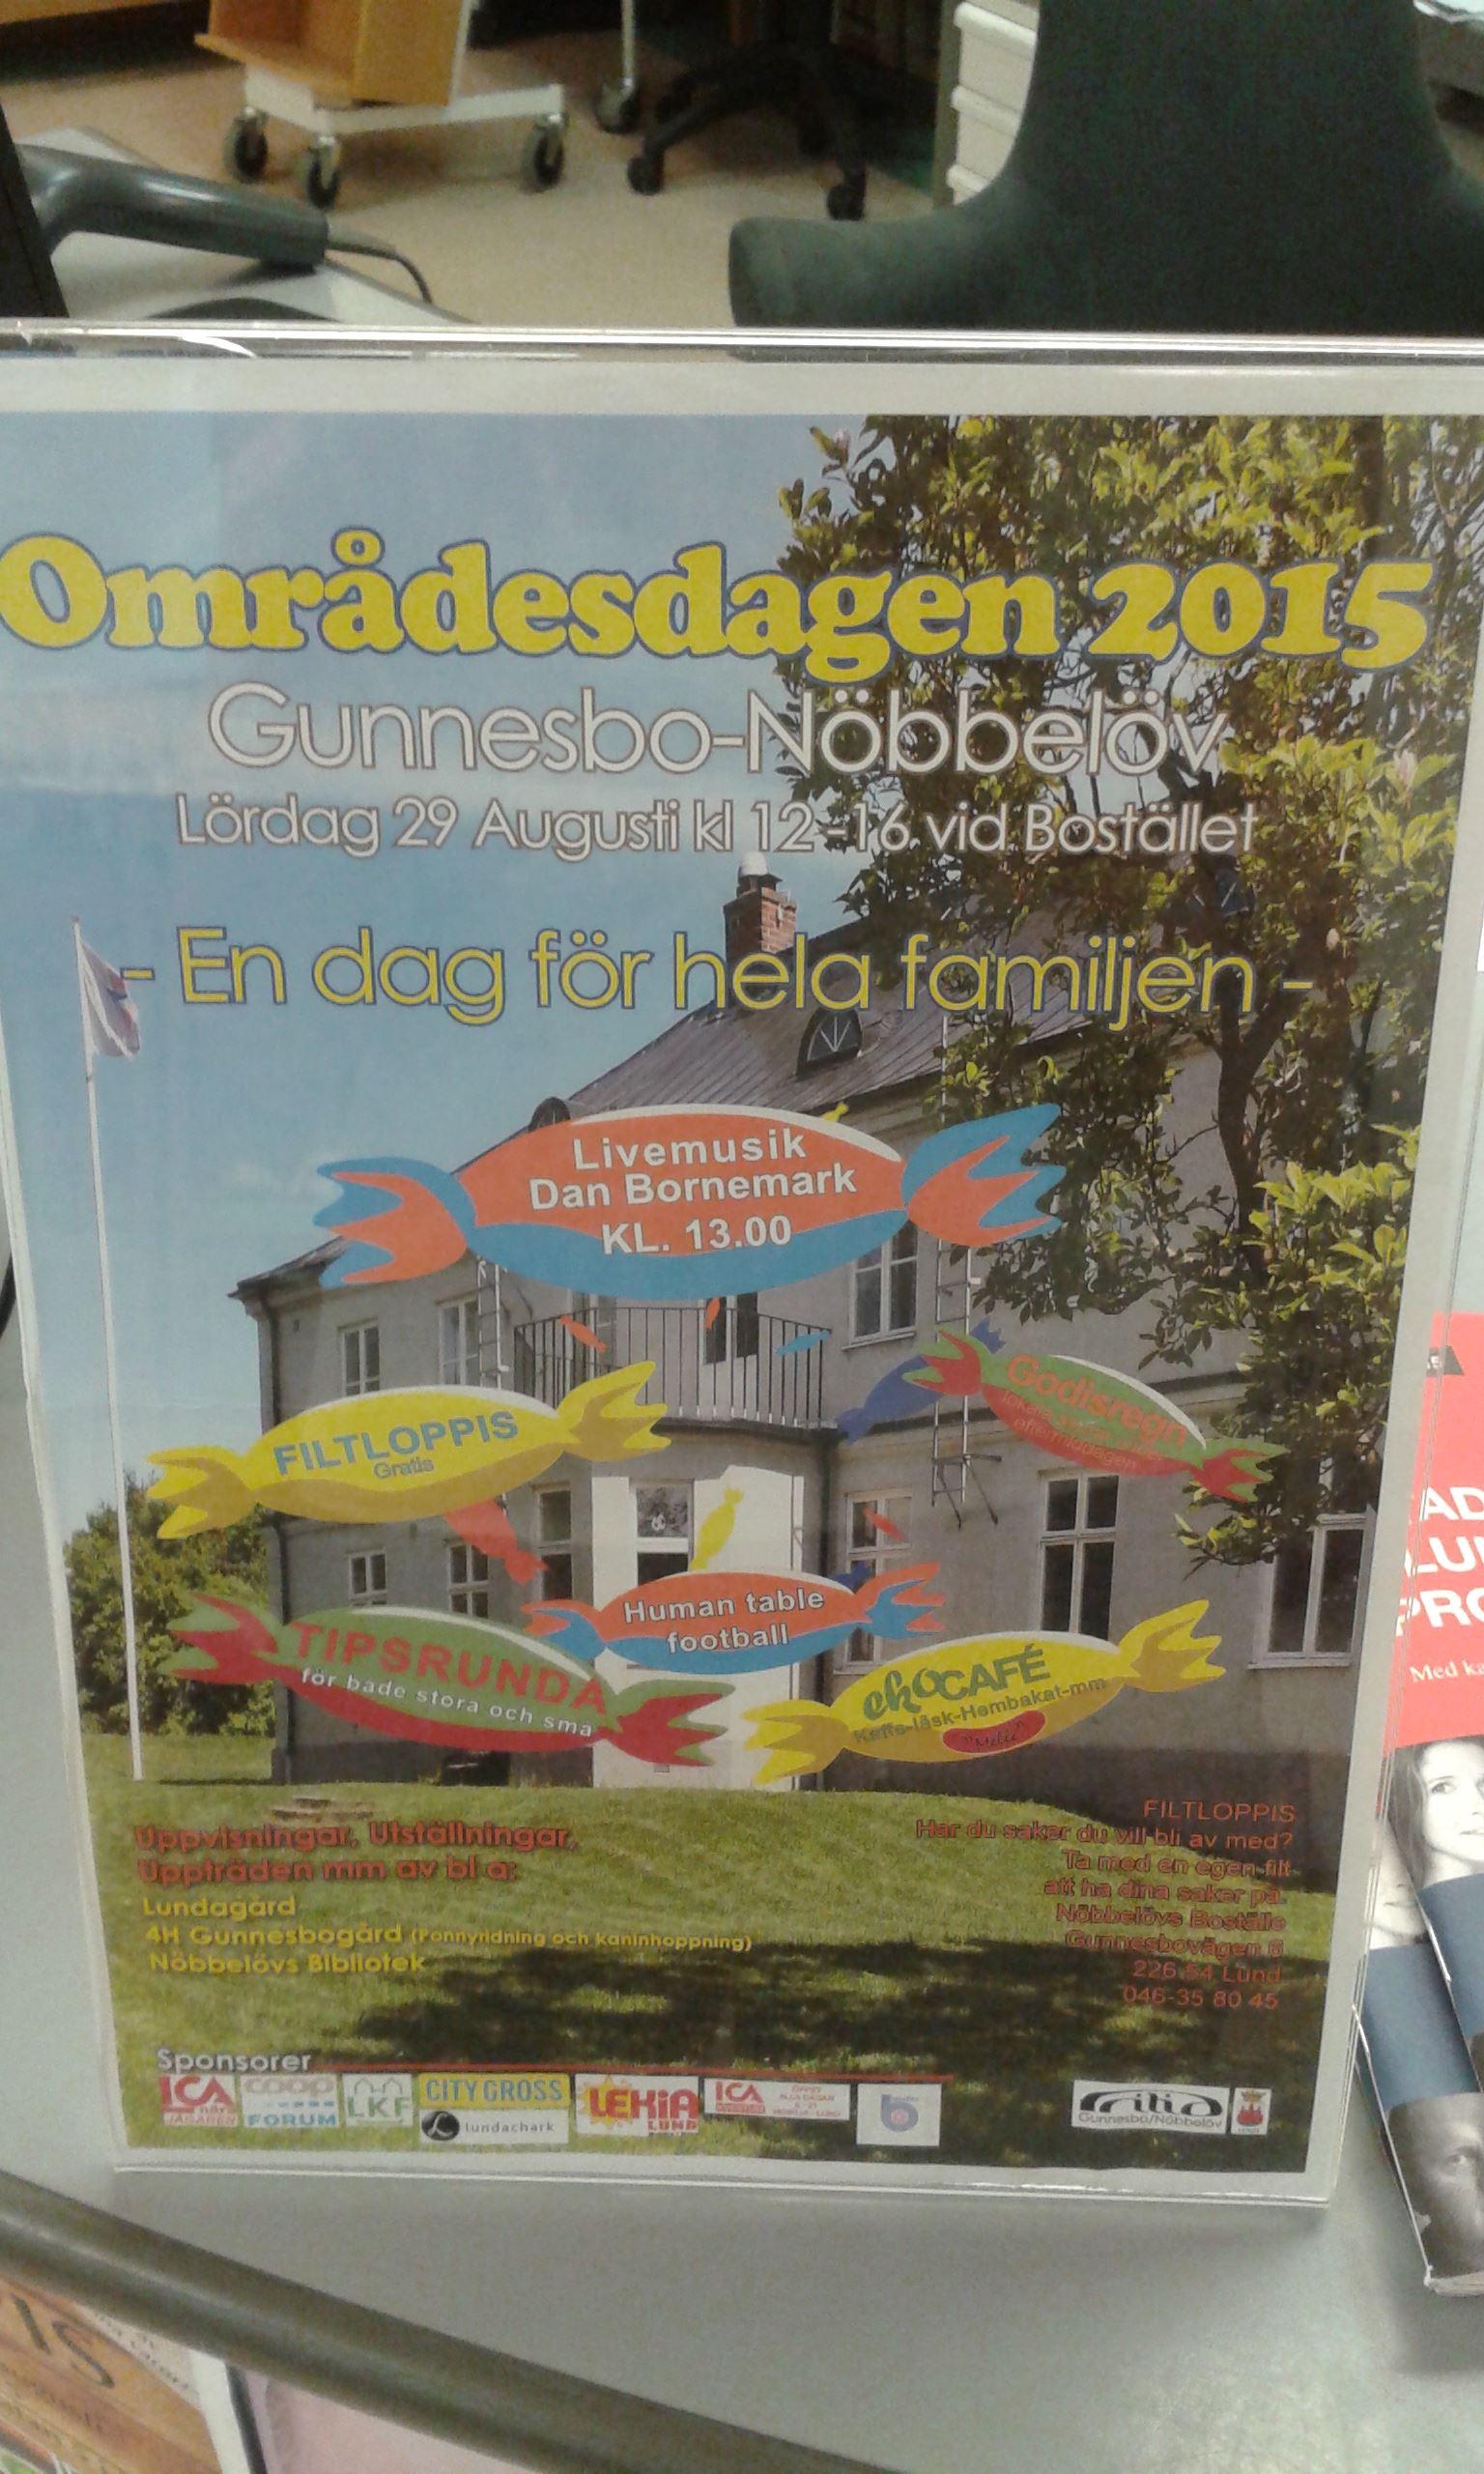 Områdesdag på Nöbbelövs boställe